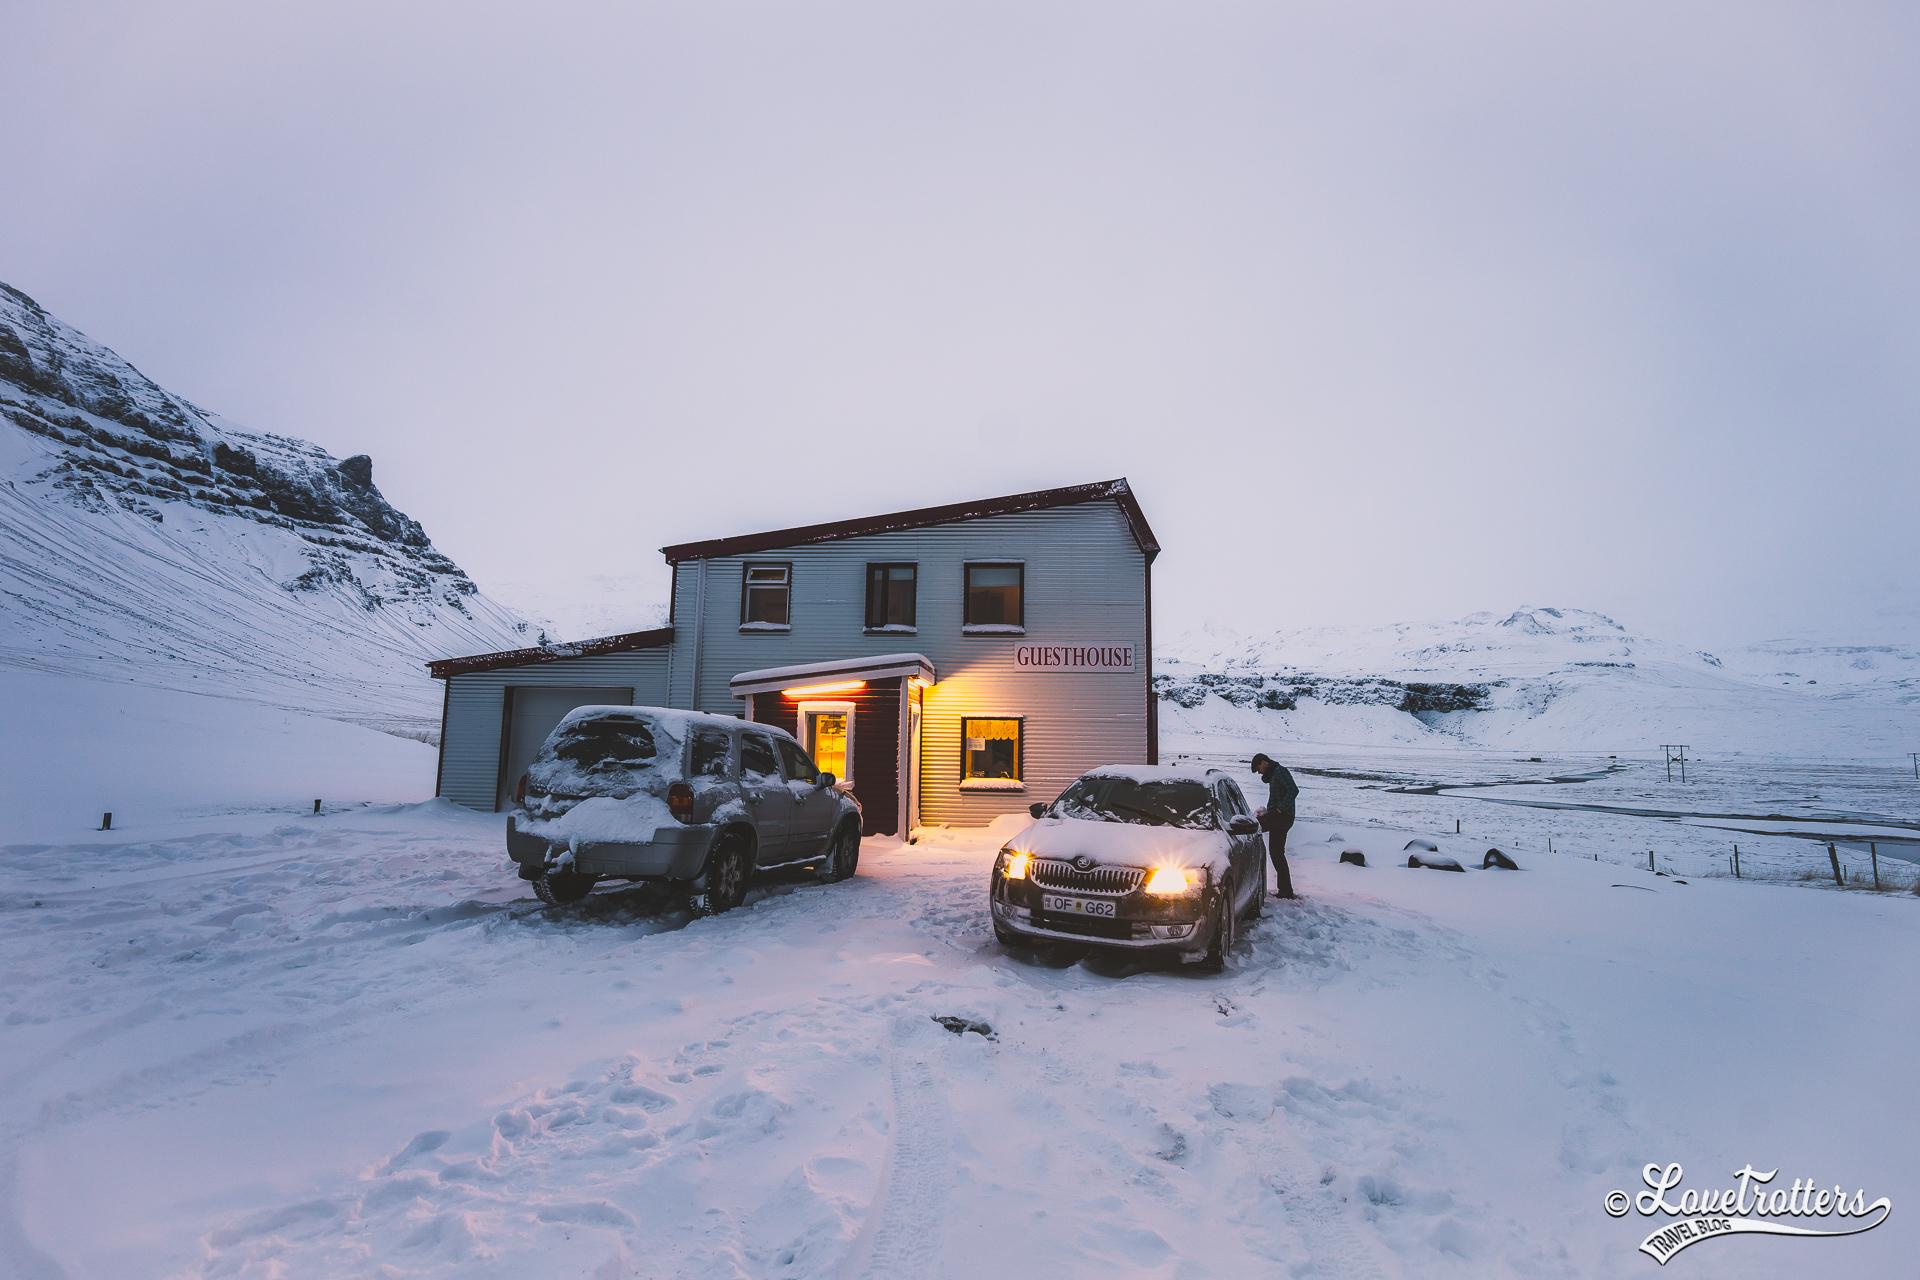 Roadtrip en Islande l'hiver - notre auberge sur la péninsule Snaefelsness